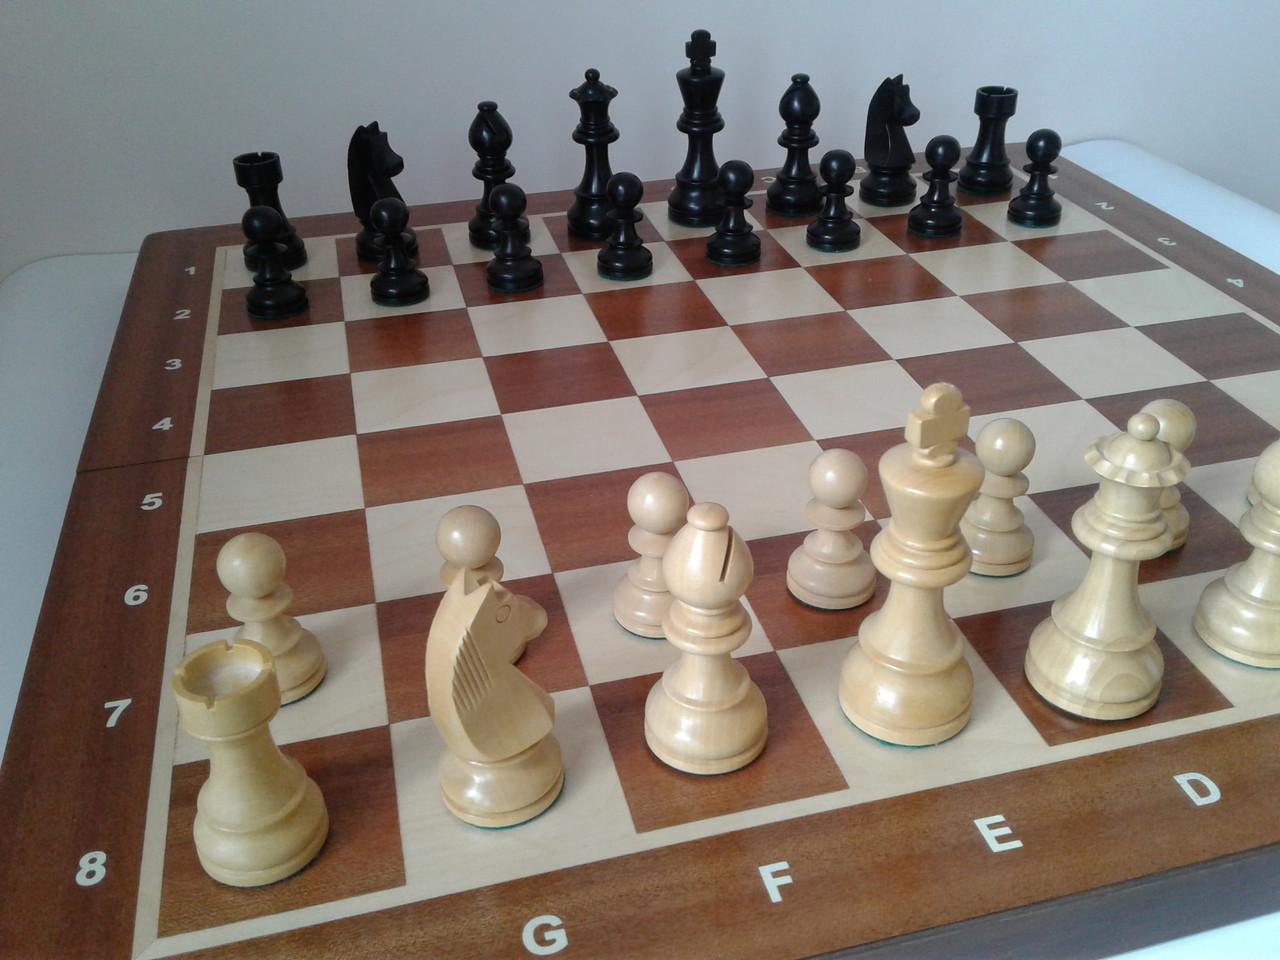 правильное название шахматных фигур с картинками всегда первого щелчка